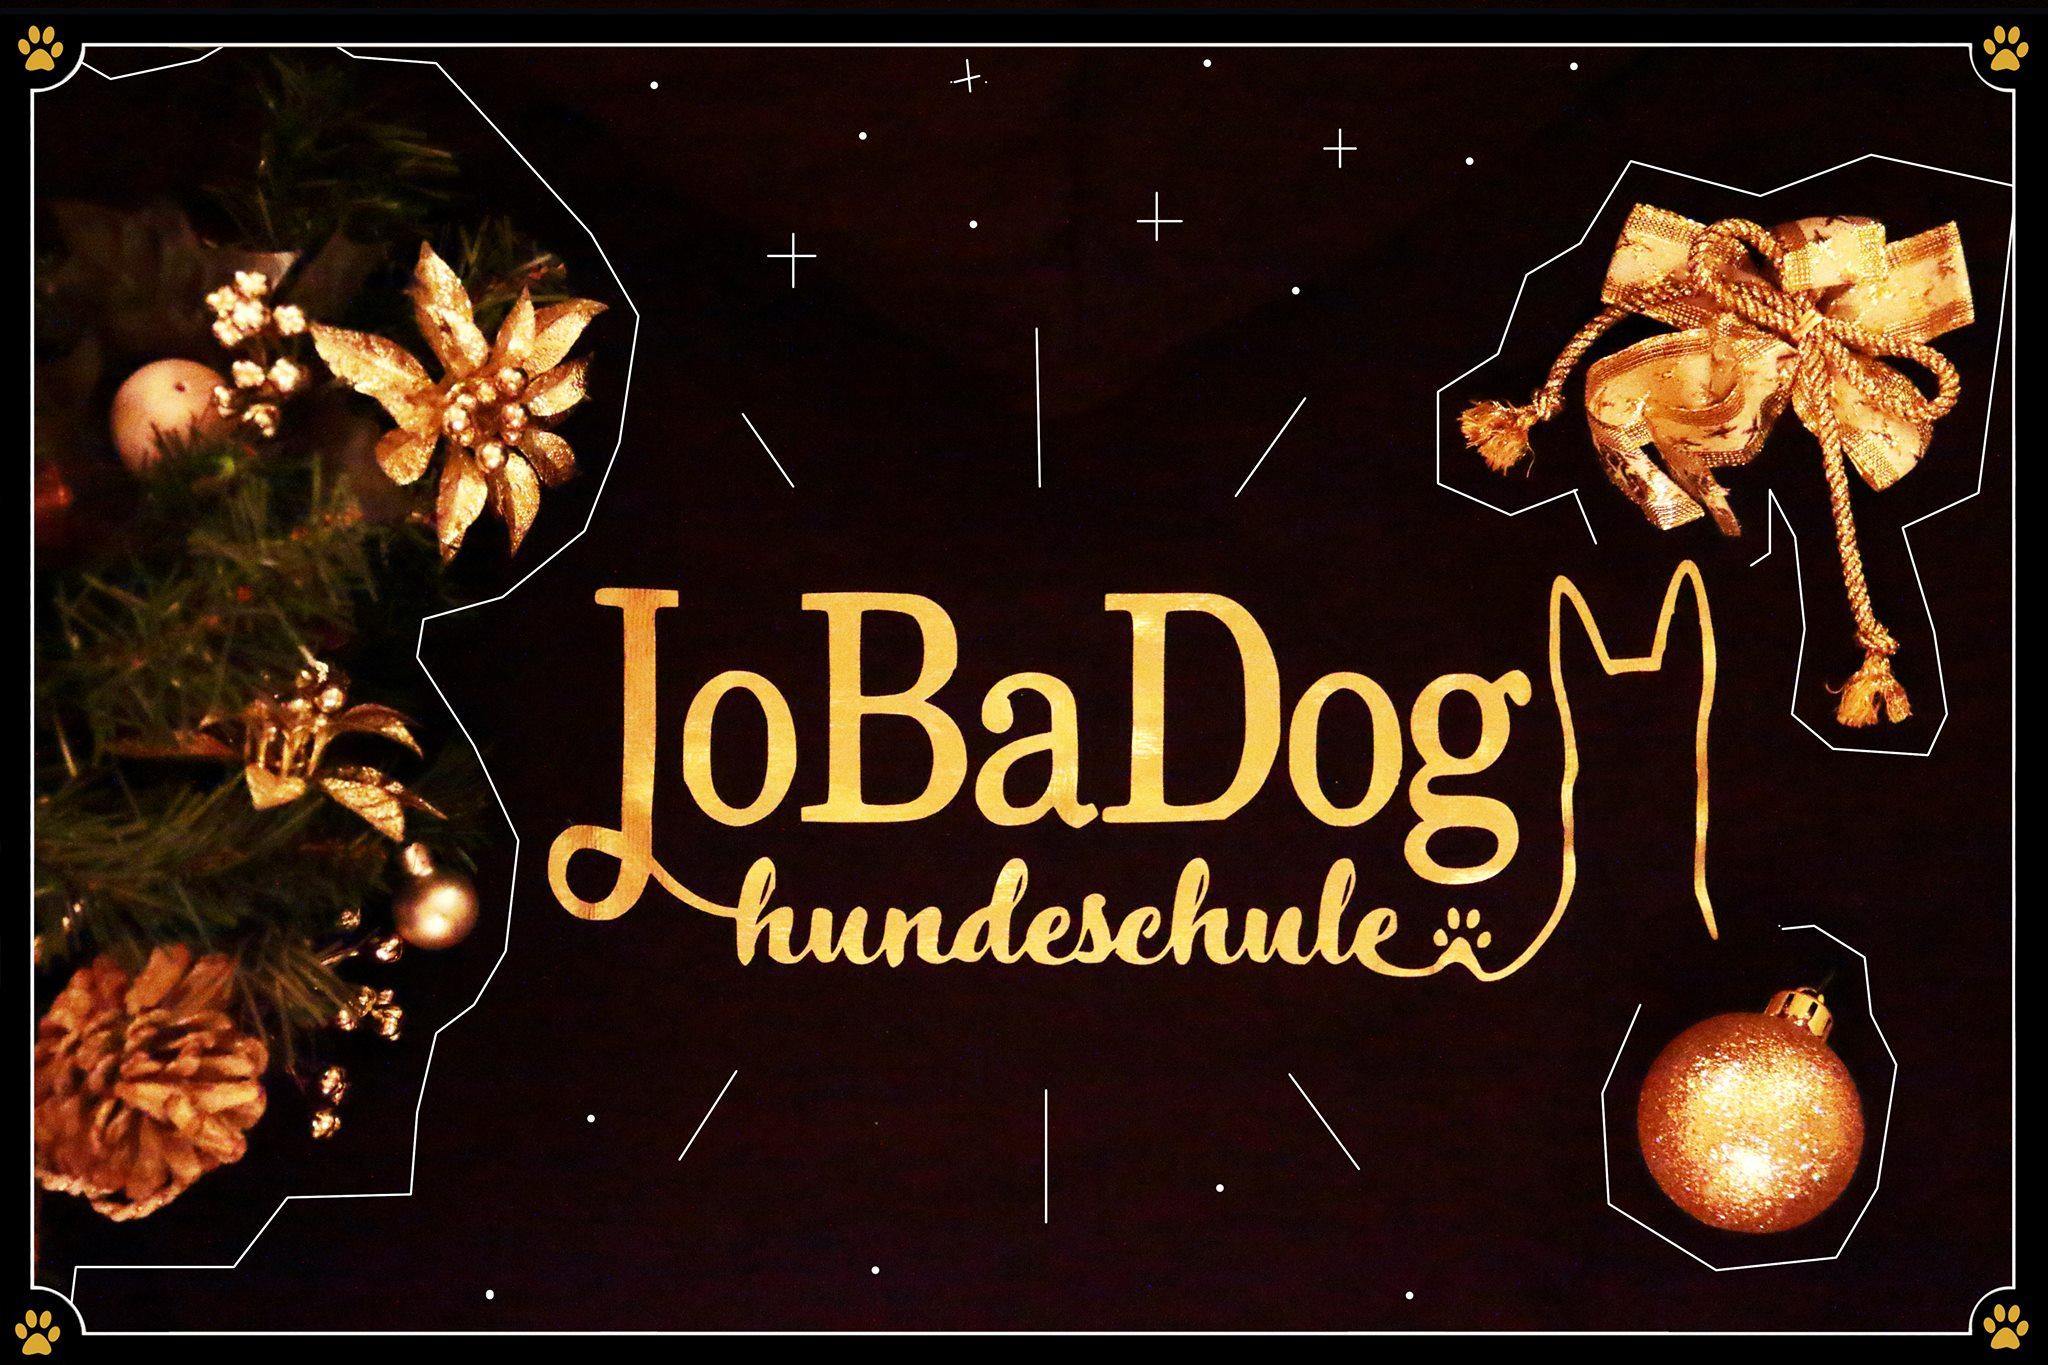 23. Dezember - Heute gibt es die allerletzte Verlosung des JoBaDog Adventskalenders!Ein schwarzer Hoodie mit goldener JoBaDog-Aufschrift wartet auf E I N E N von euch. 🐾Heute gilt: Wollt ihr den gemütlichen, super warmen, edlen Hoodie gewinnen?Dann schaut noch schnell bei Facebook oder Instagram vorbei! Dort sind wir neugierig, welche Trainingsziele sich euer Hund-Mensch-Team sich für das Jahr 2019 gesetzt hat. 👍 Nehmt bis zum 24.12.2018 am Gewinnspiel teil – an diesem Tag werden auch die Sieger bekannt gegeben.